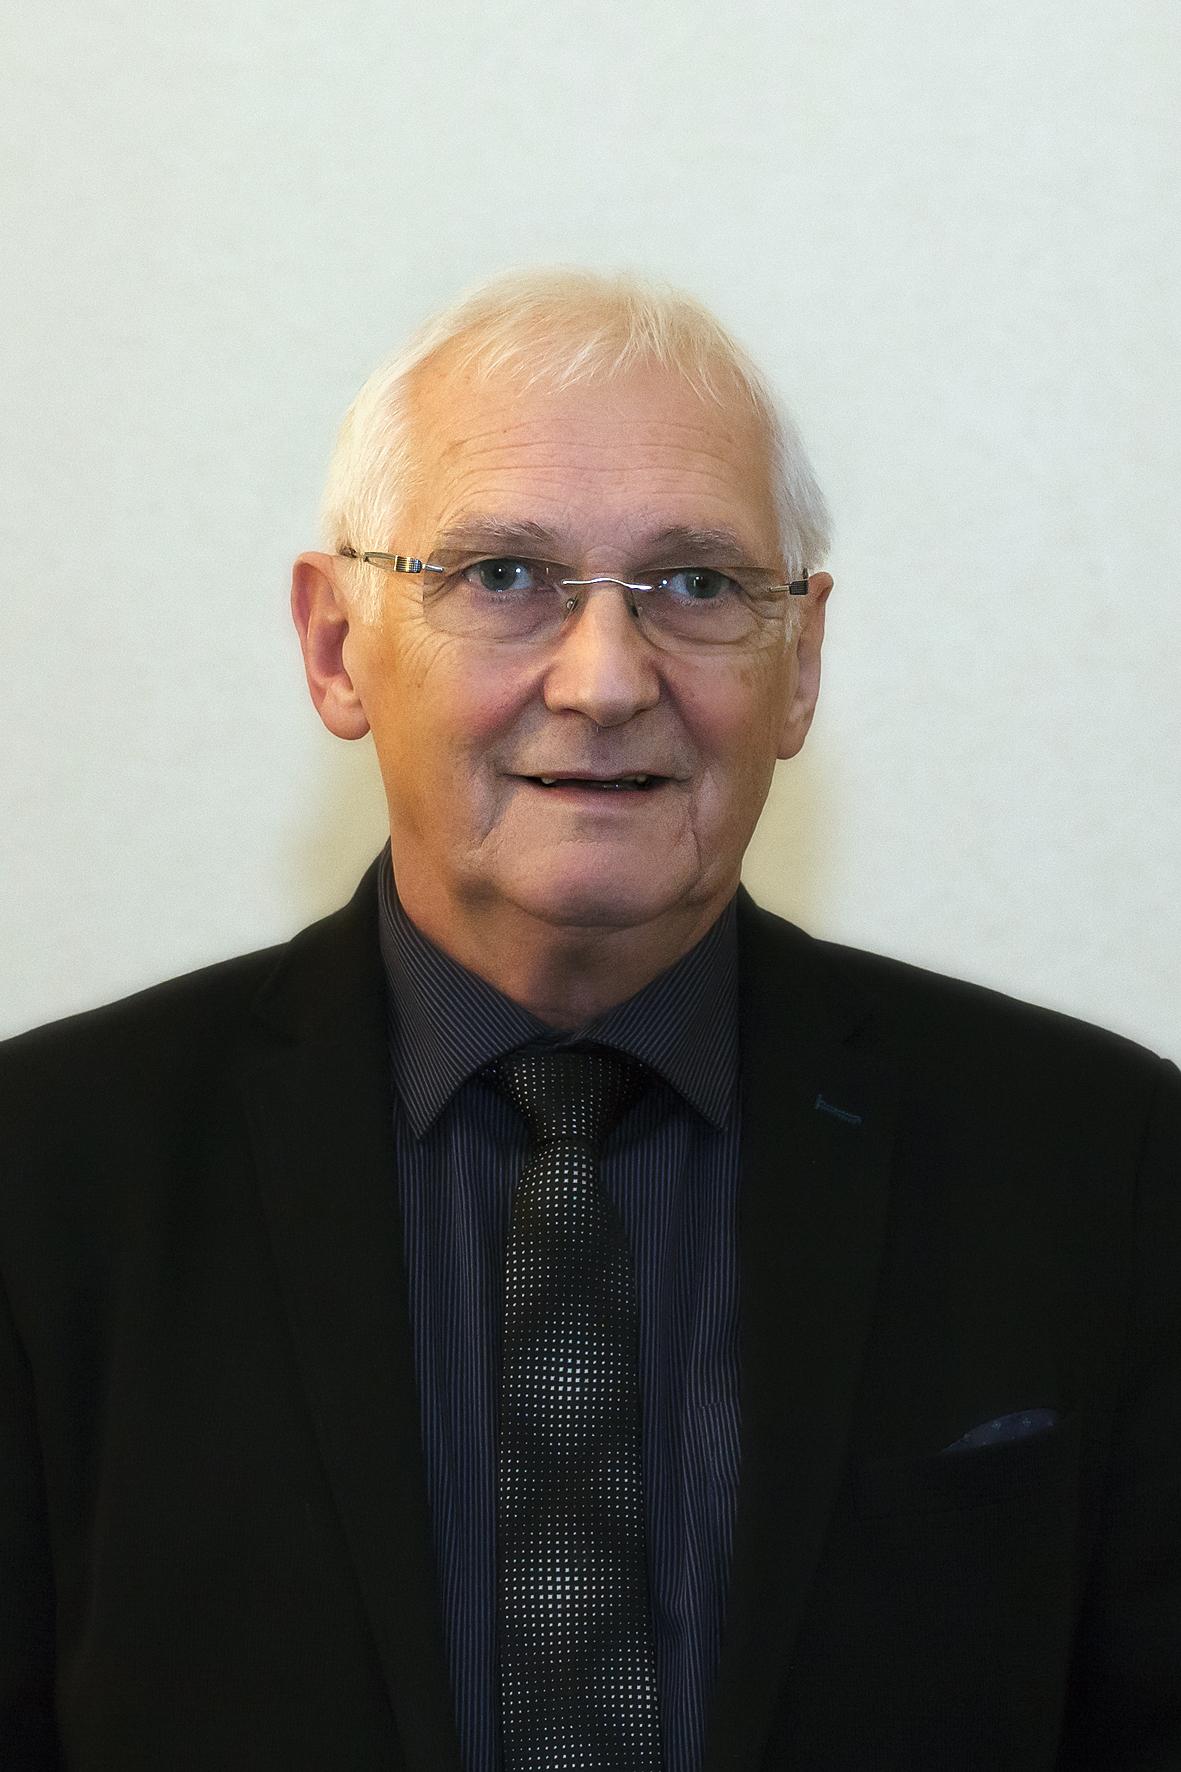 M. EHRET